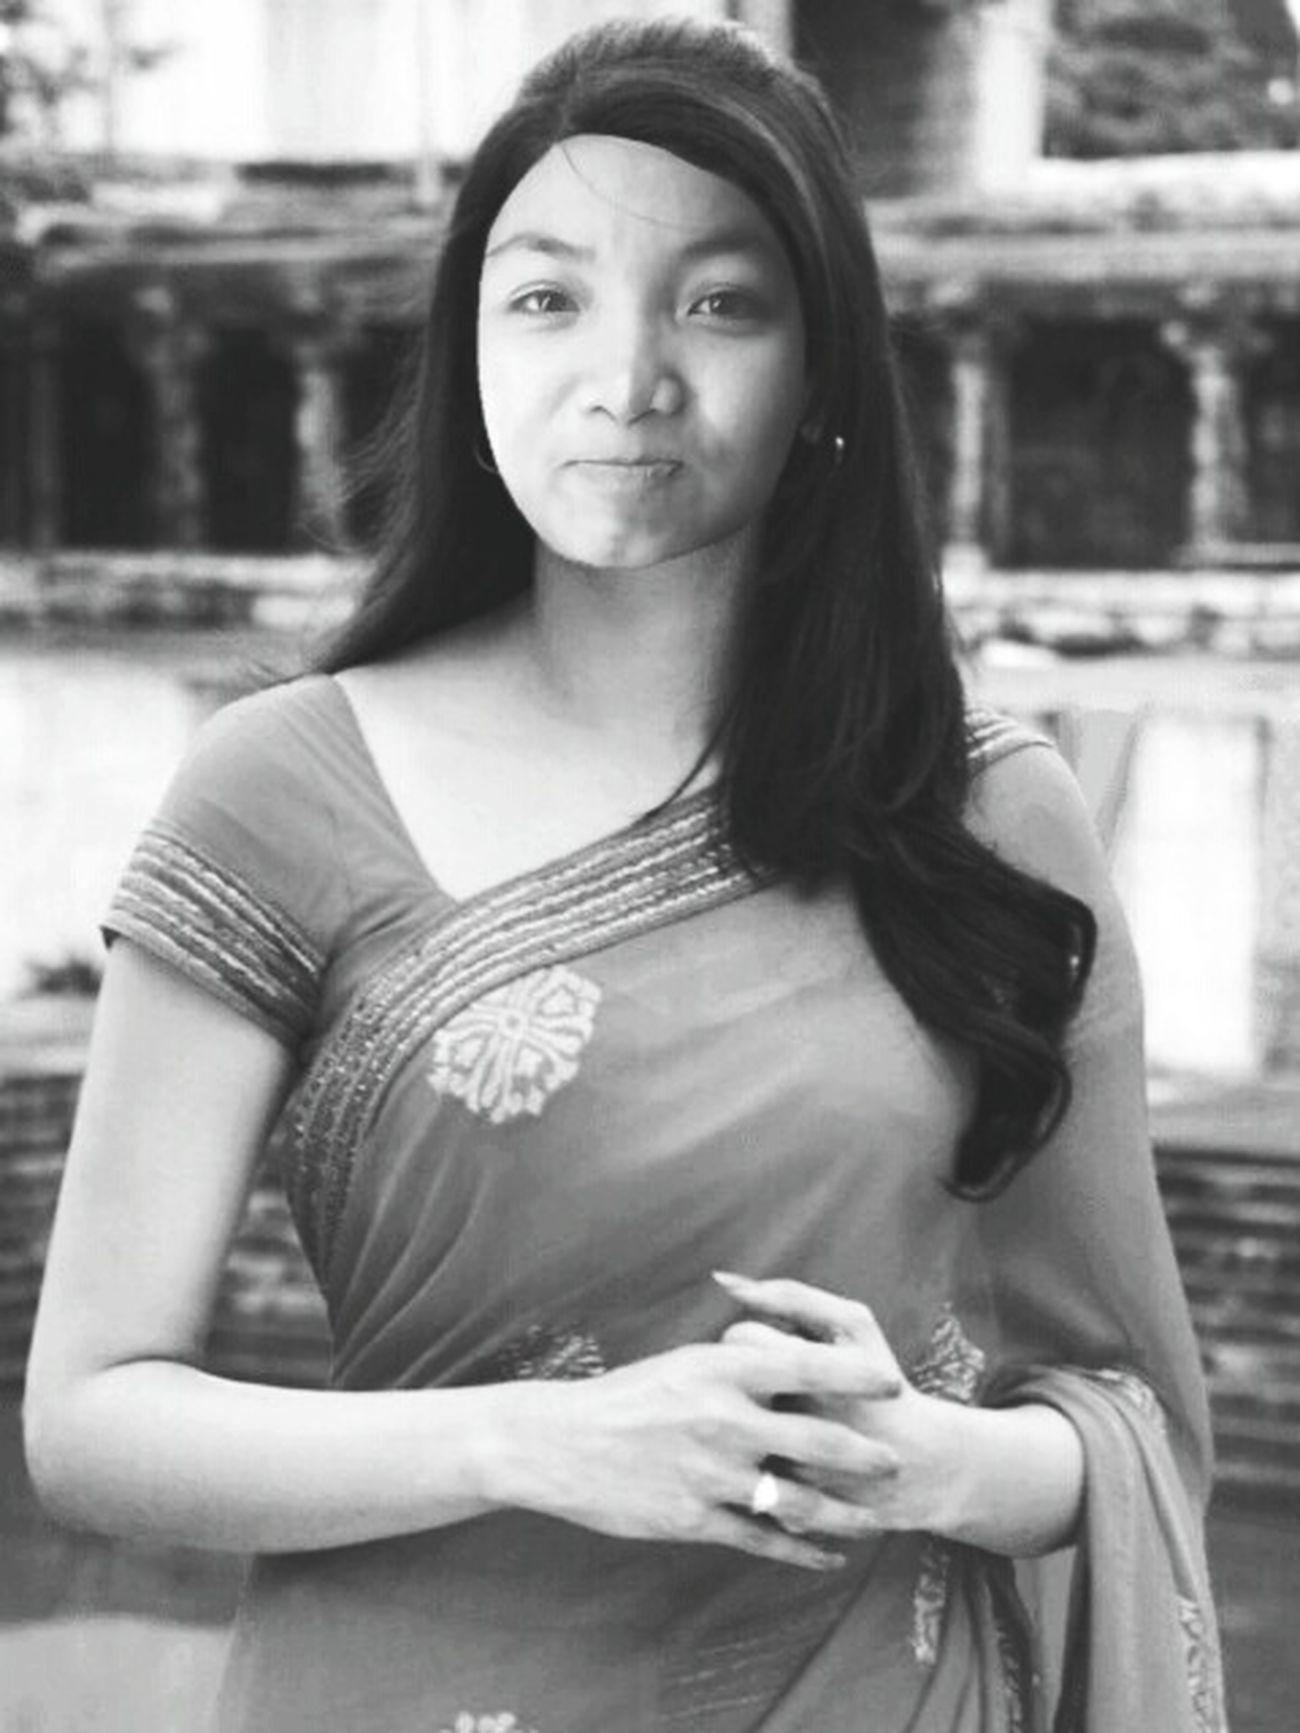 Enjoying Life Indian Saree Vietnamesegirl Application Just For Fun! ^.^